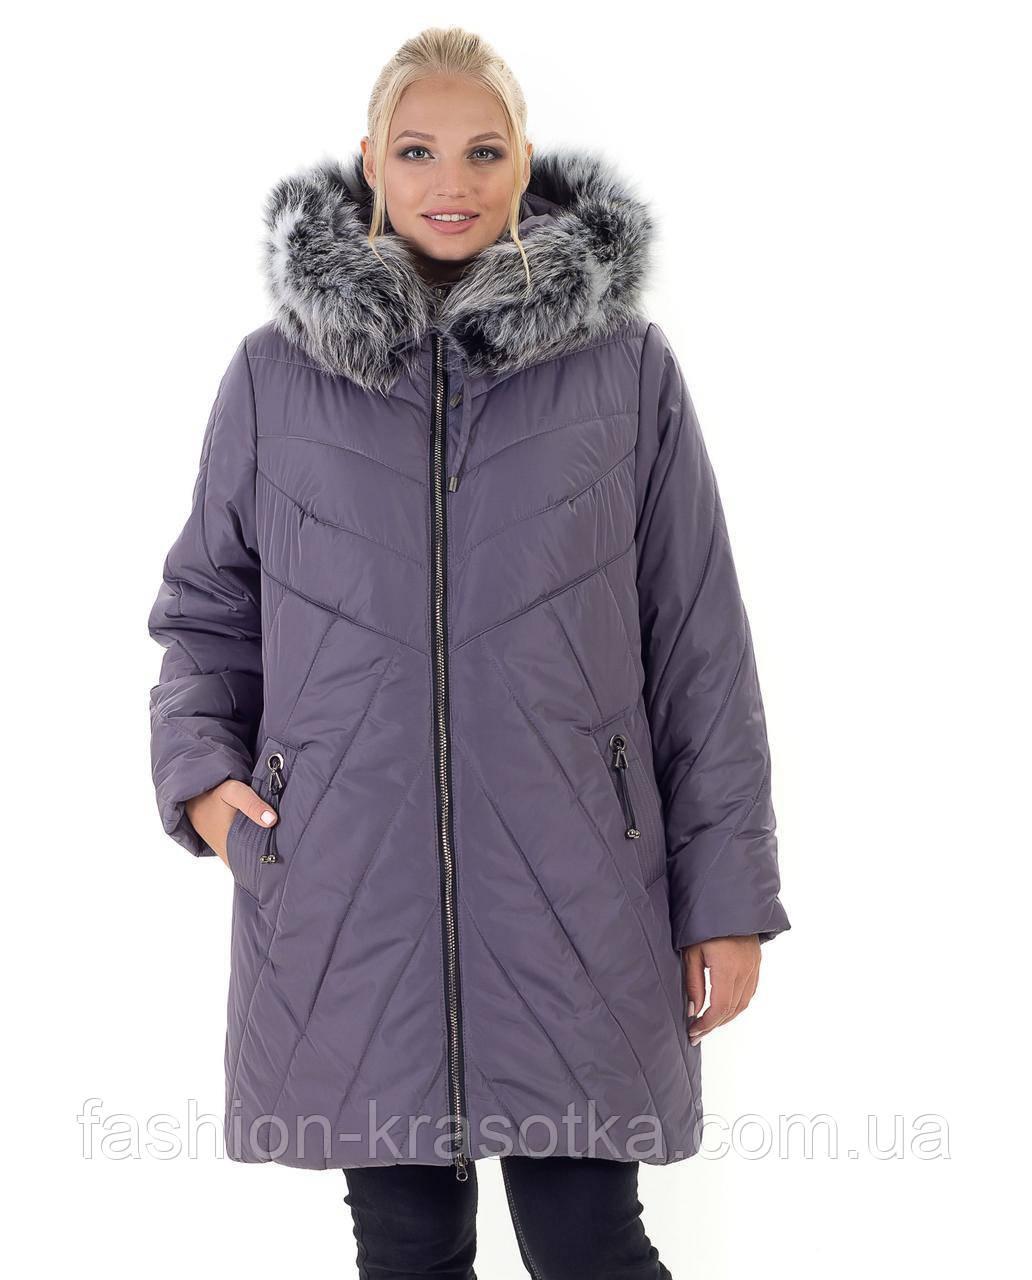 Зимовий жіночий пуховик збільшених розмірів:56-70.